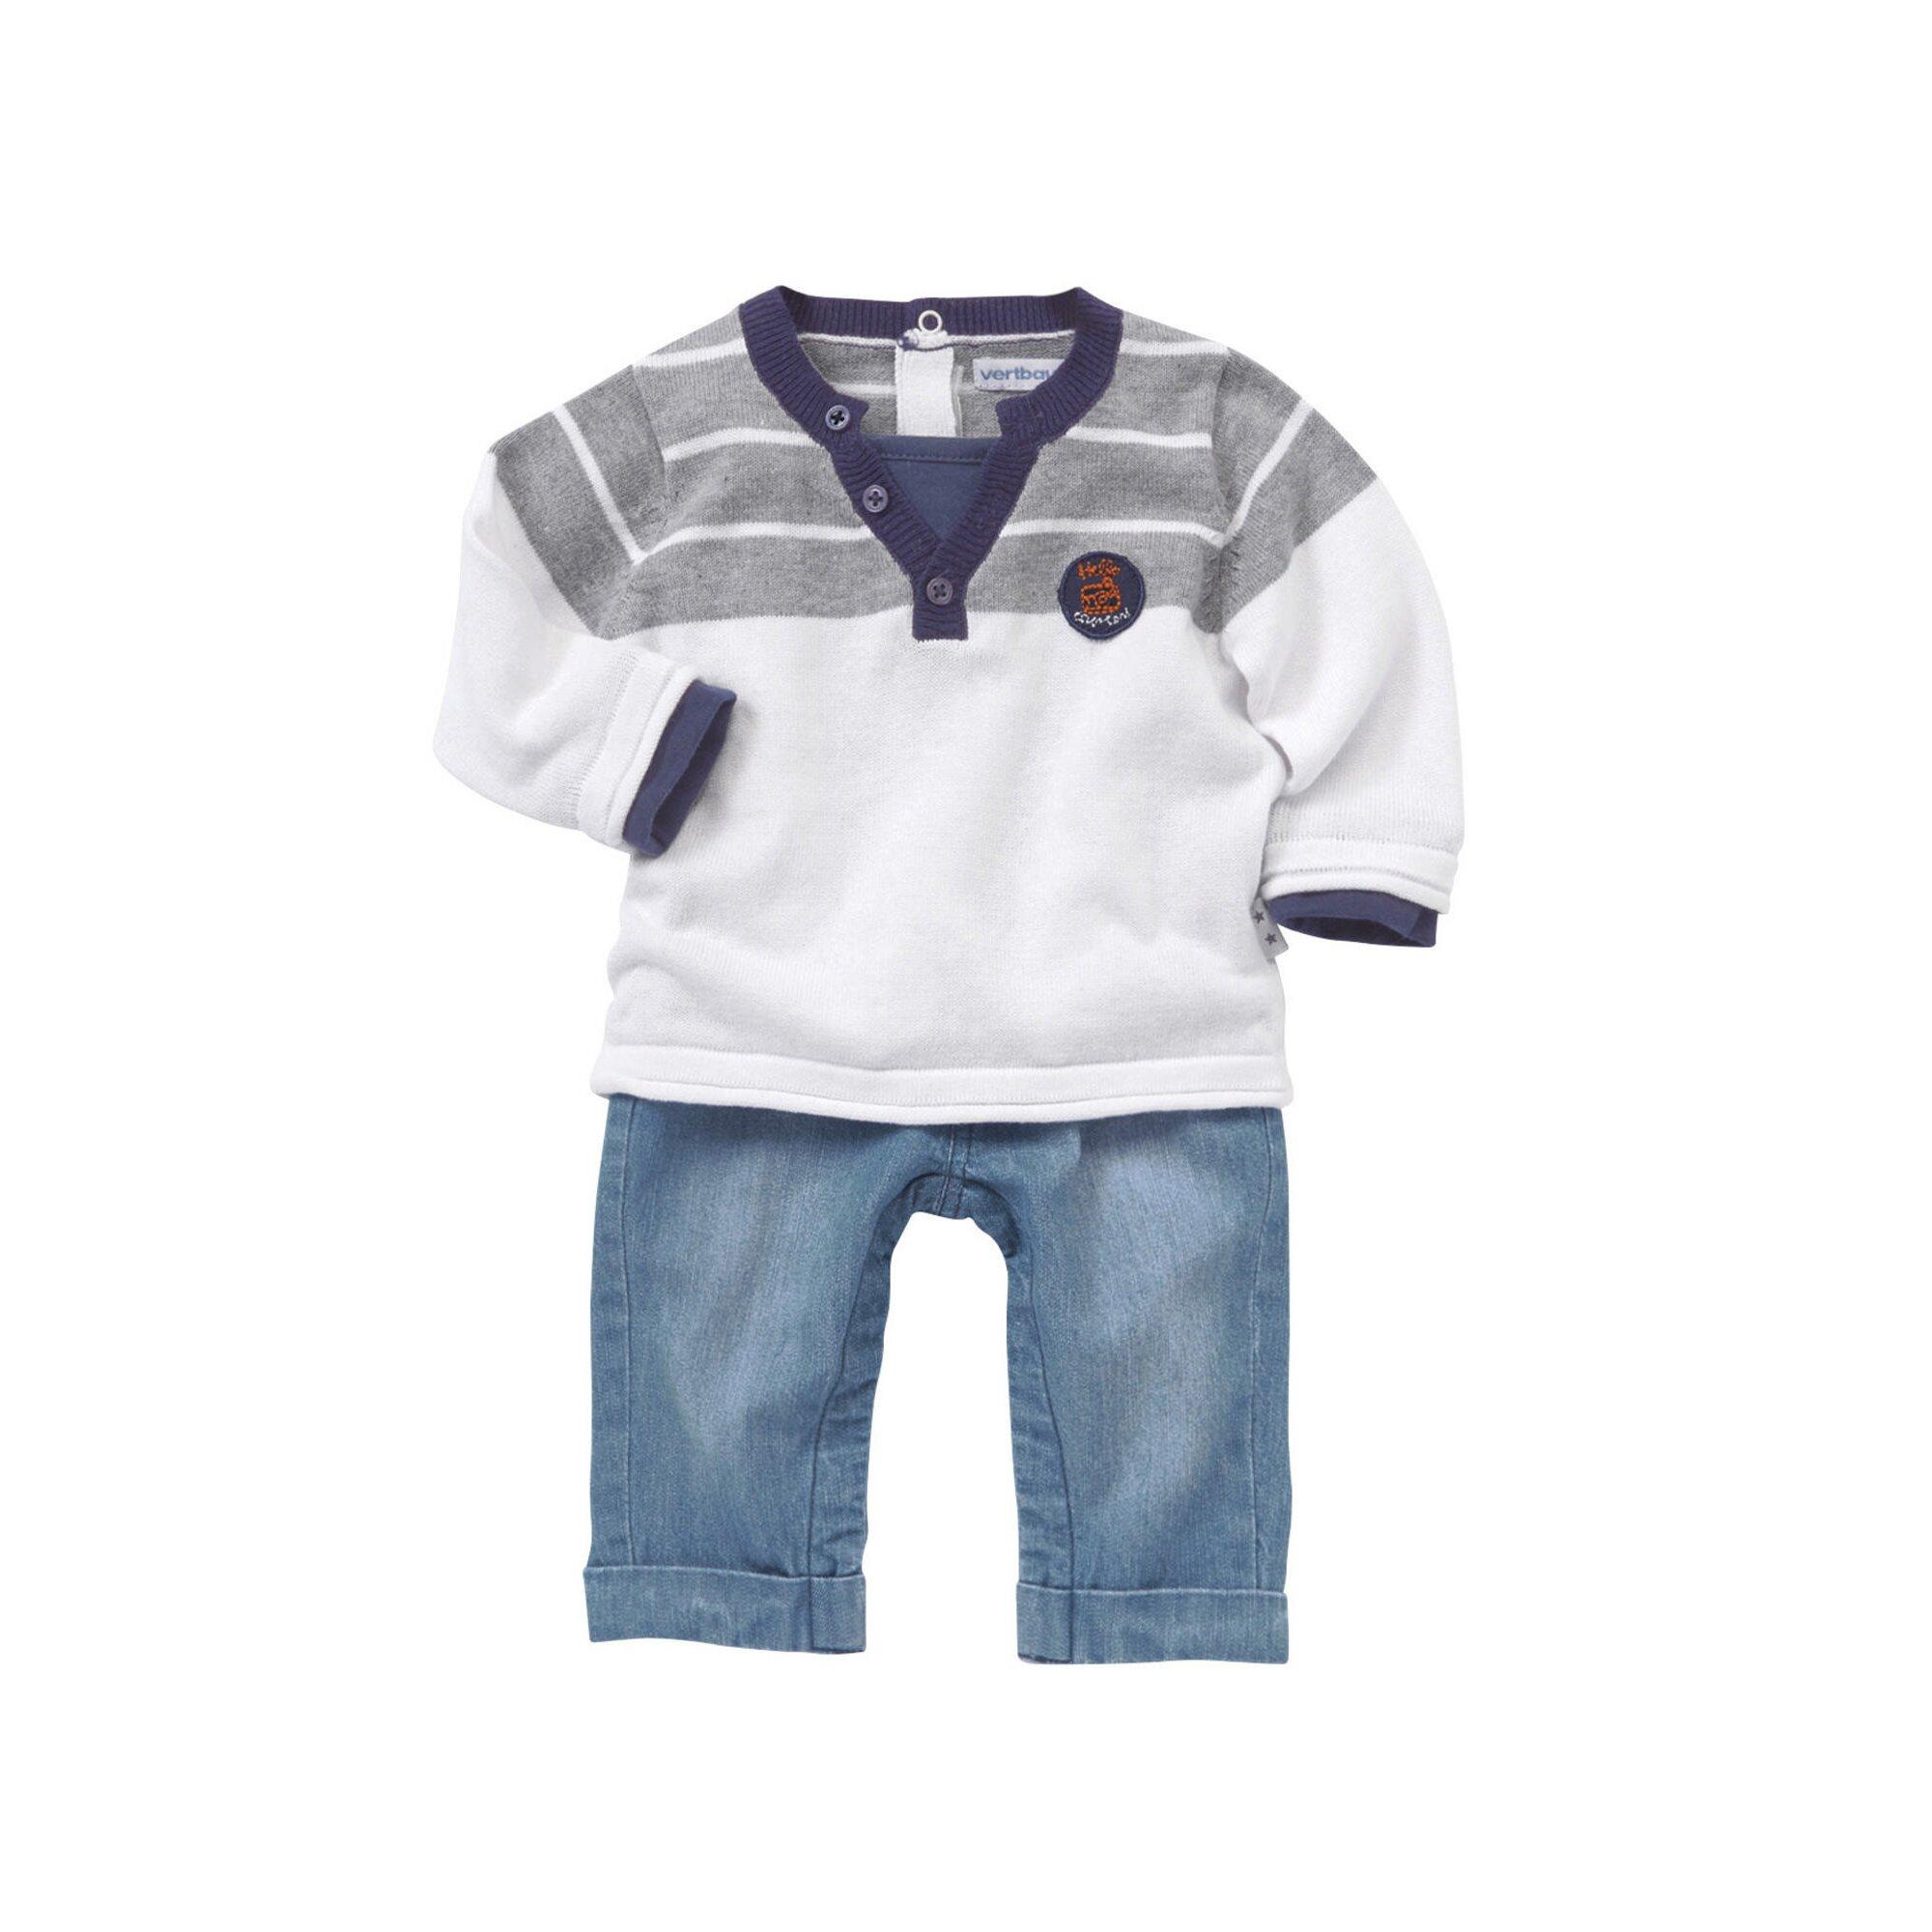 vertbaudet-jungenset-aus-baby-pullover-und-jeans, 30.99 EUR @ babywalz-de